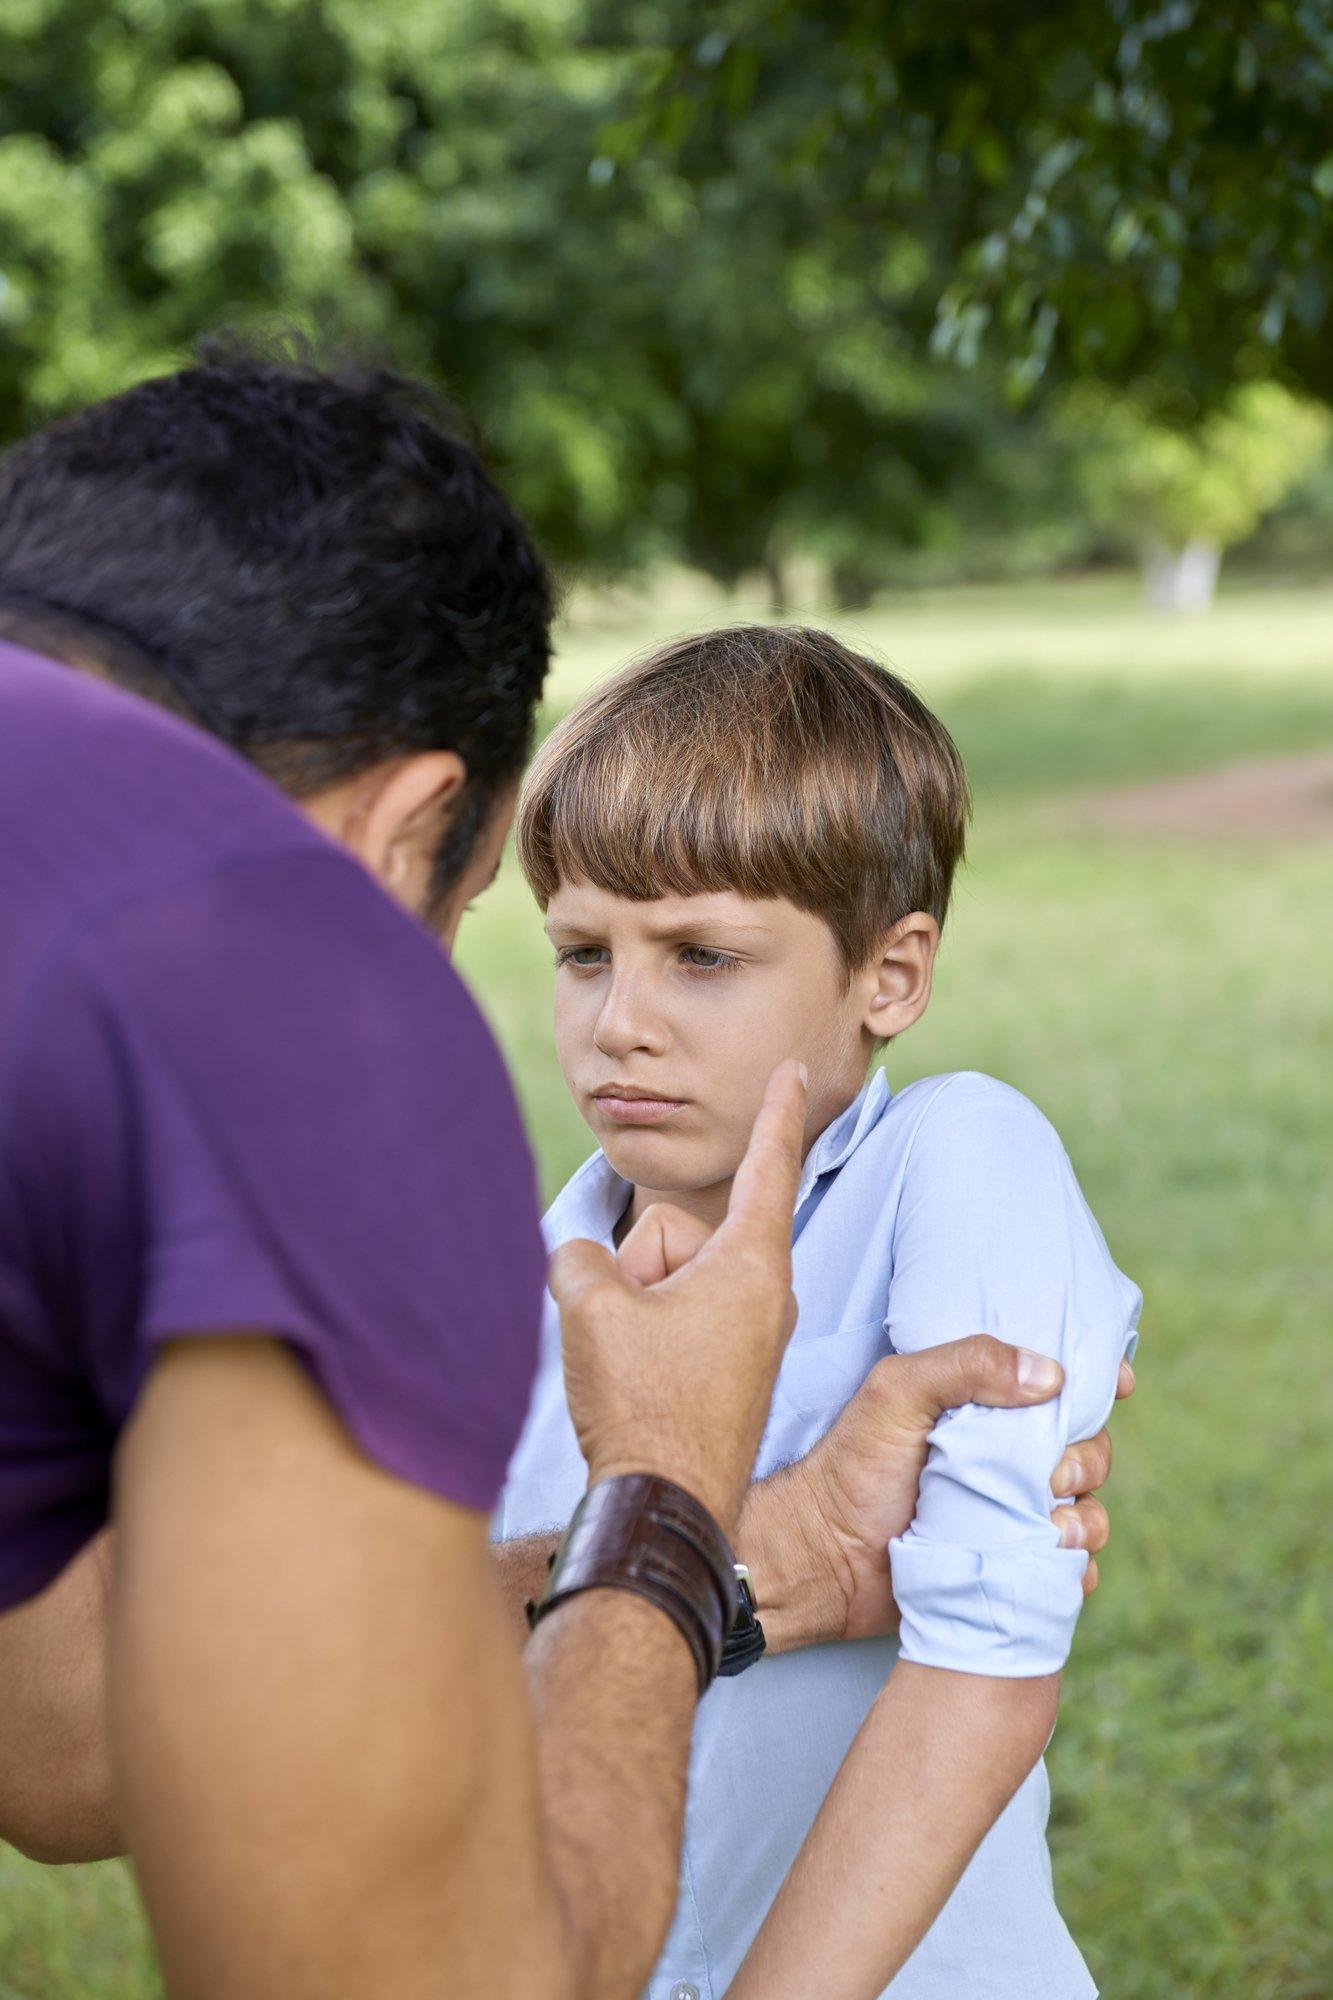 аргументы на тему отношения между родителями и детьми